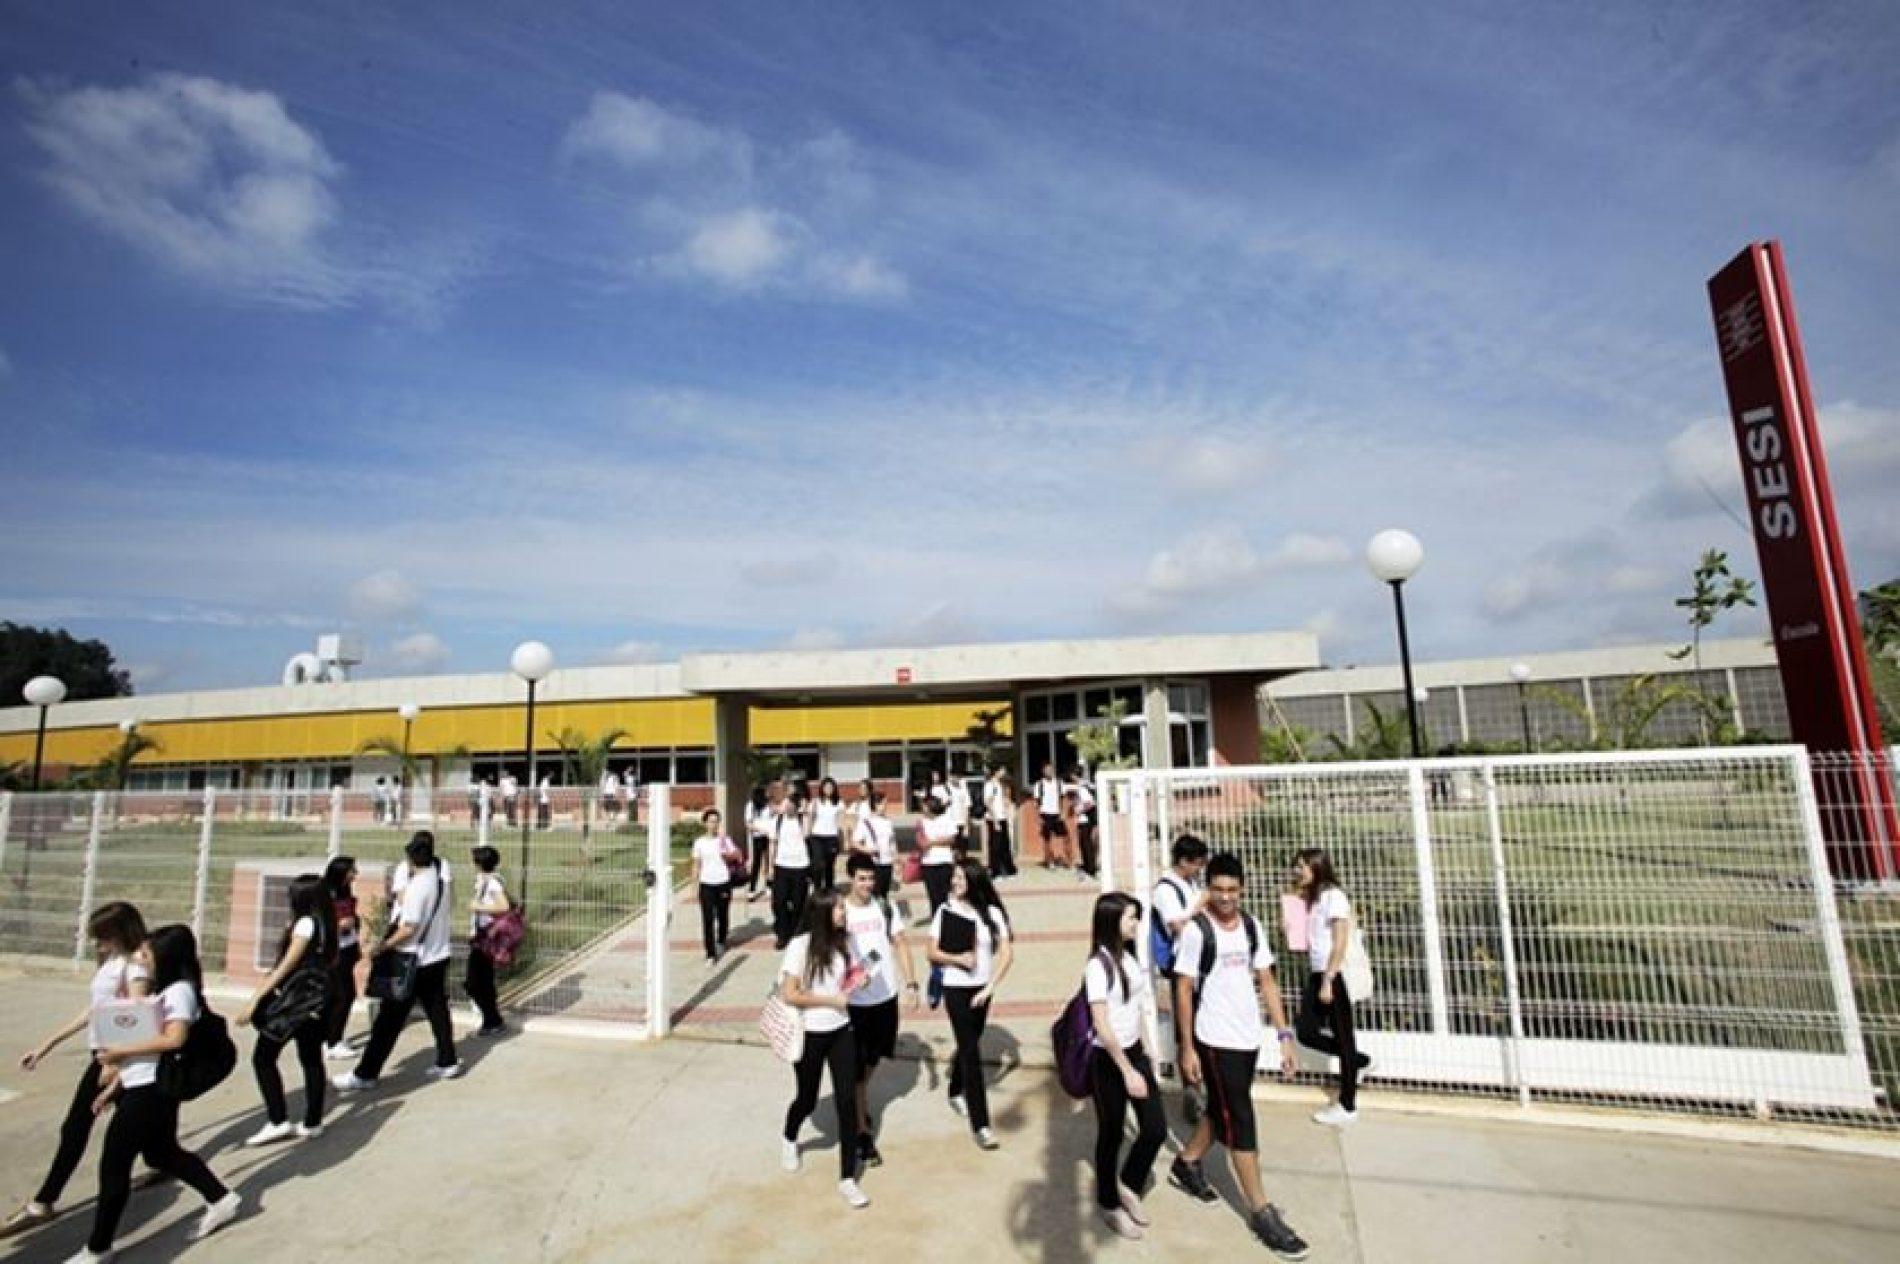 Sesi suspende aulas após aviso de ataque contra alunos em São Paulo